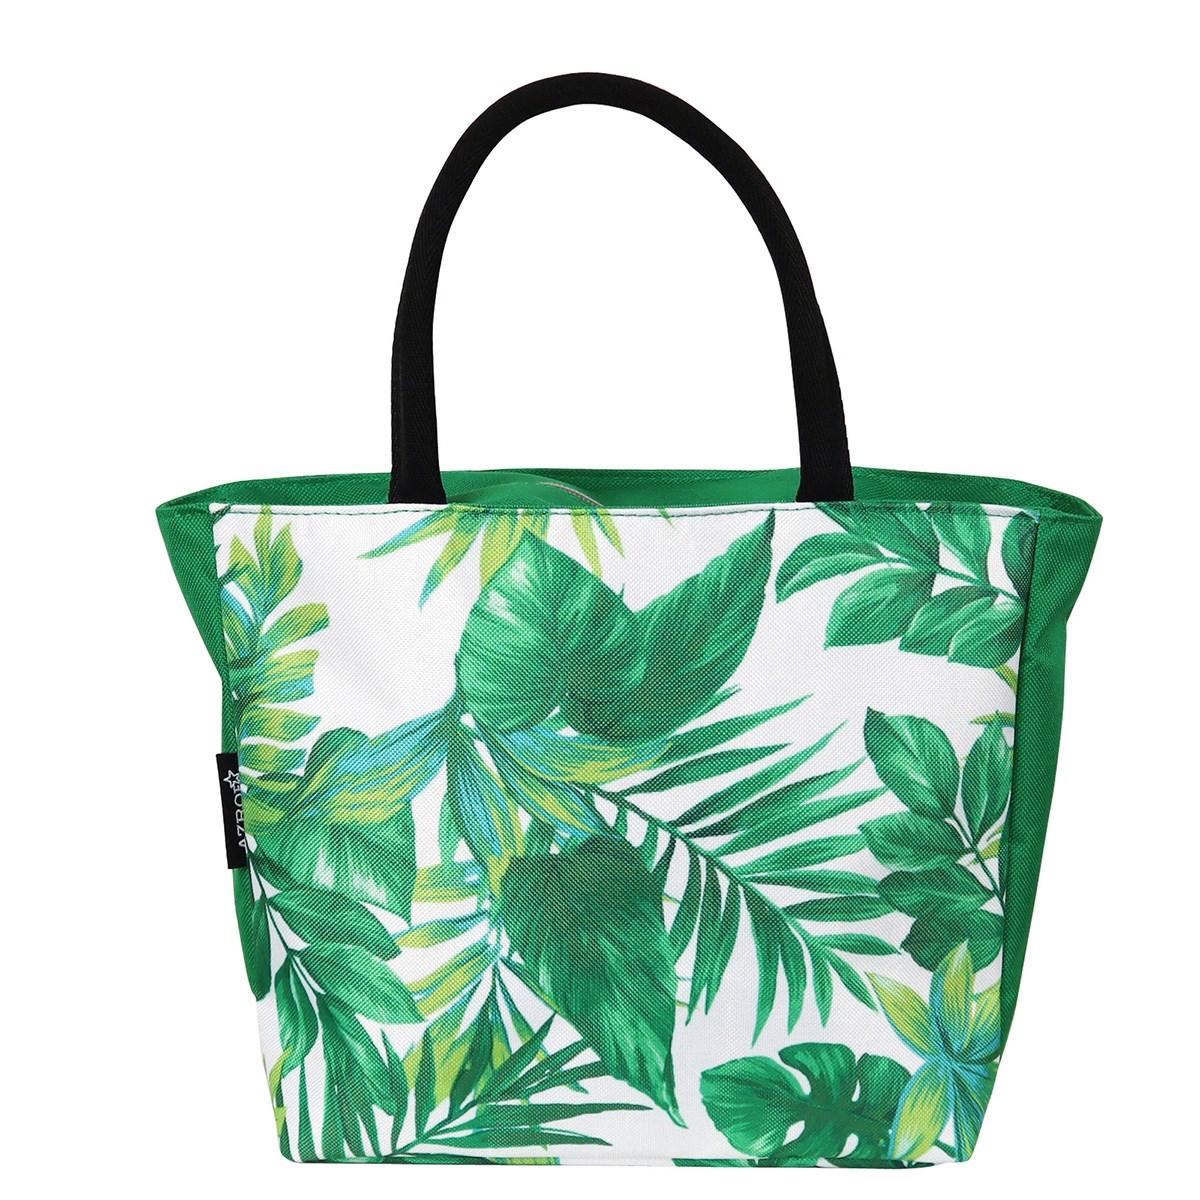 AZROF ミニトートバッグ ボタニカルグリーン